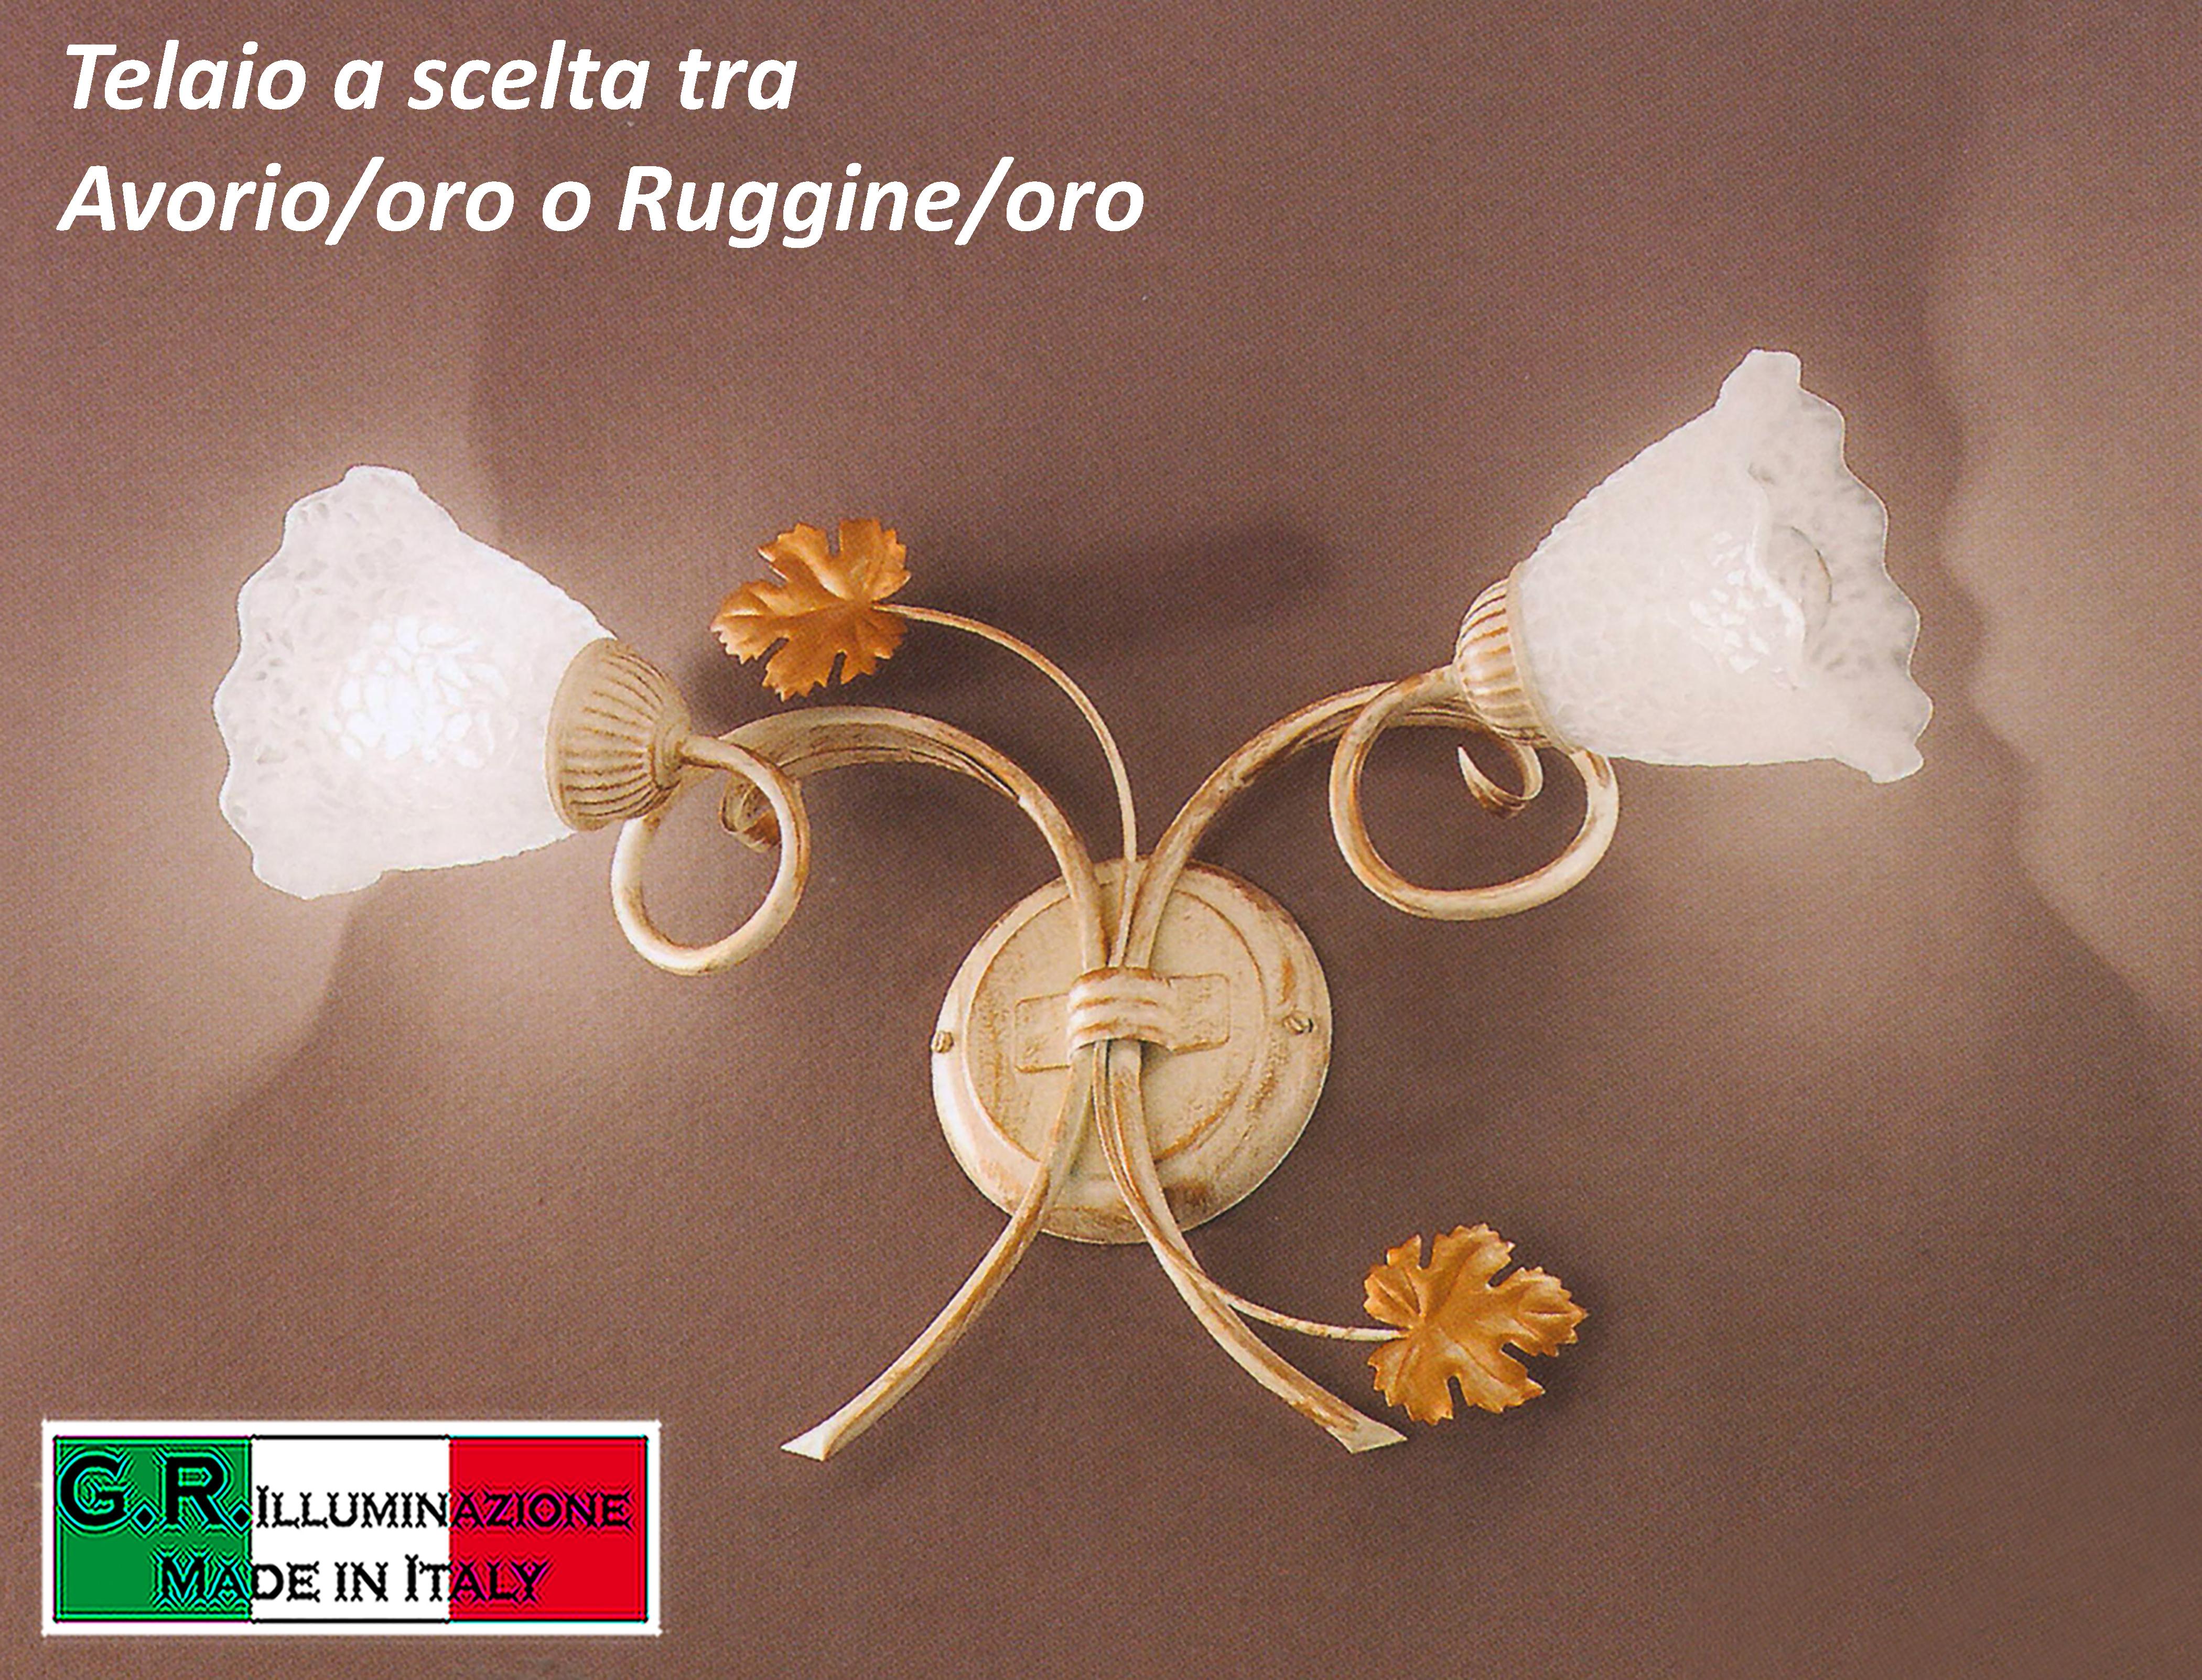 Lampada da parete applique in ferro battuto luci avorio o